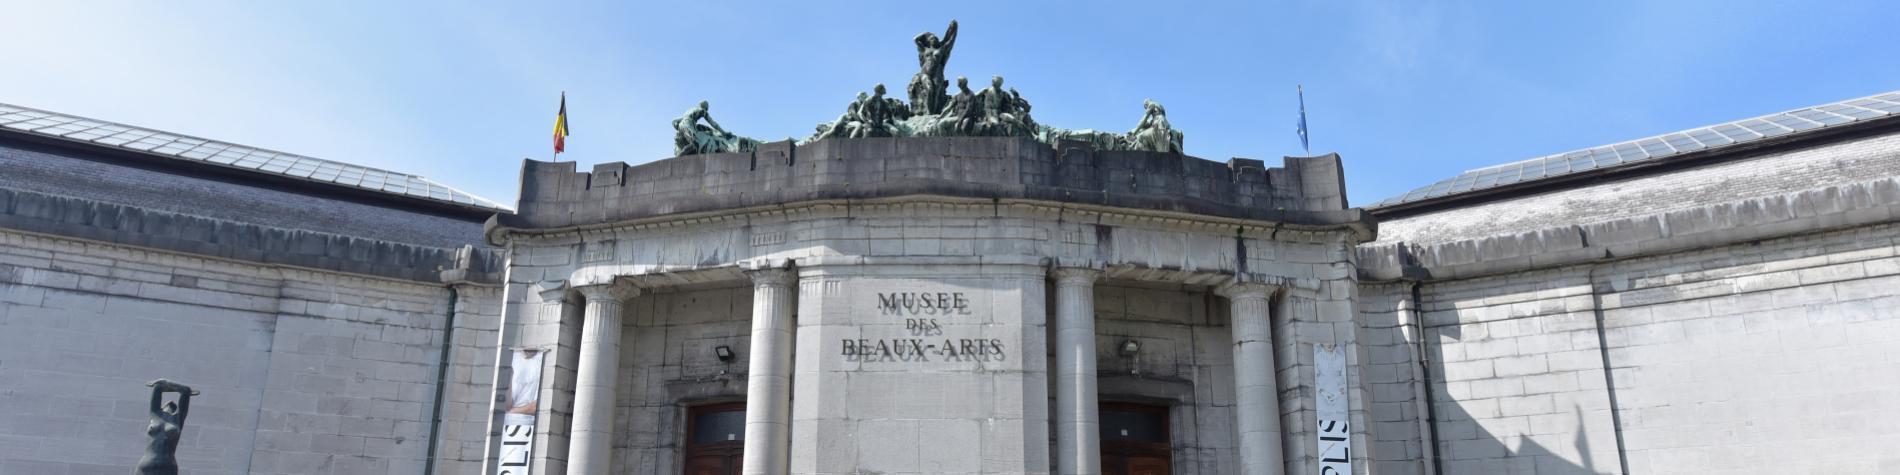 Musée-Beaux-Arts-Architecture-Culturel-Peinture